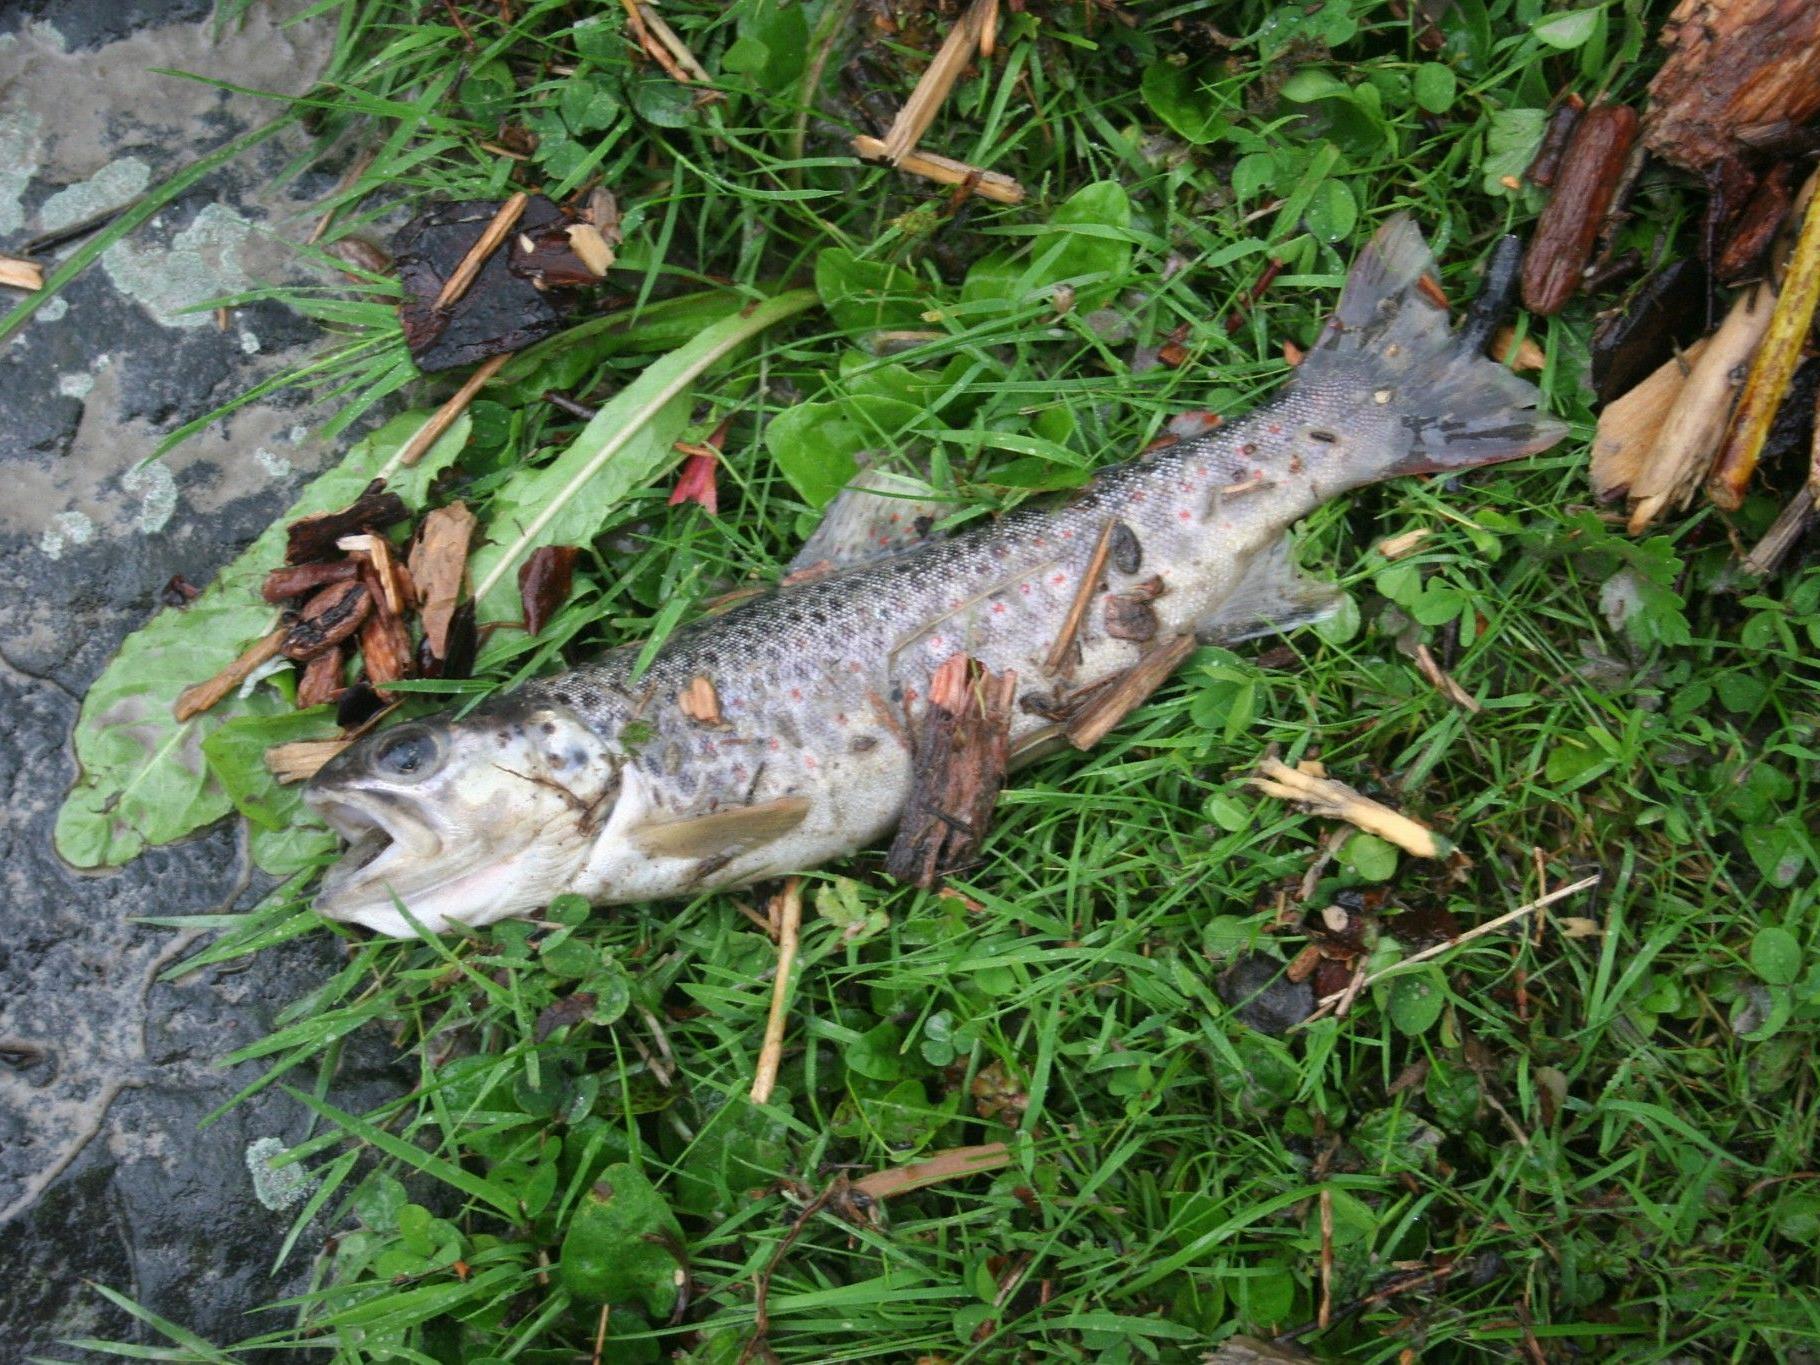 Rund 200 Kilo verschiedenster Fischarten verendeten in einem Fischteich in Gerau.